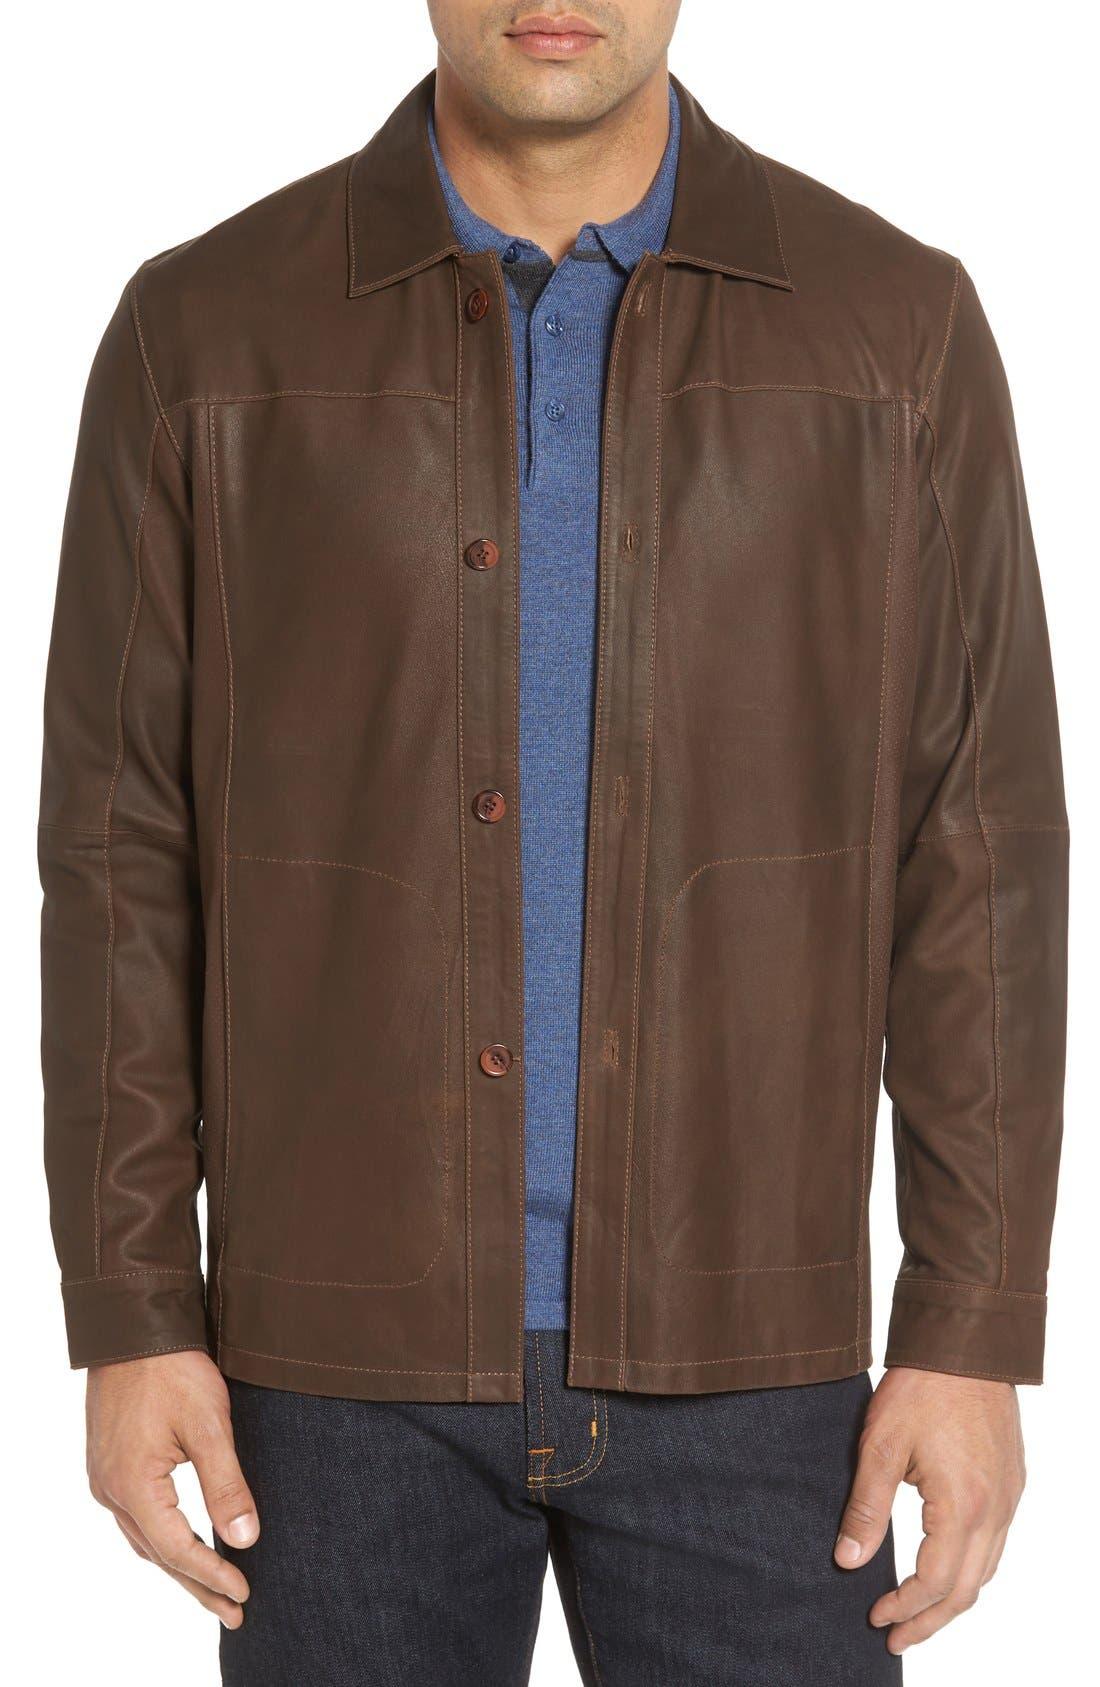 Missani Le Collezioni Unlined Leather Jacket